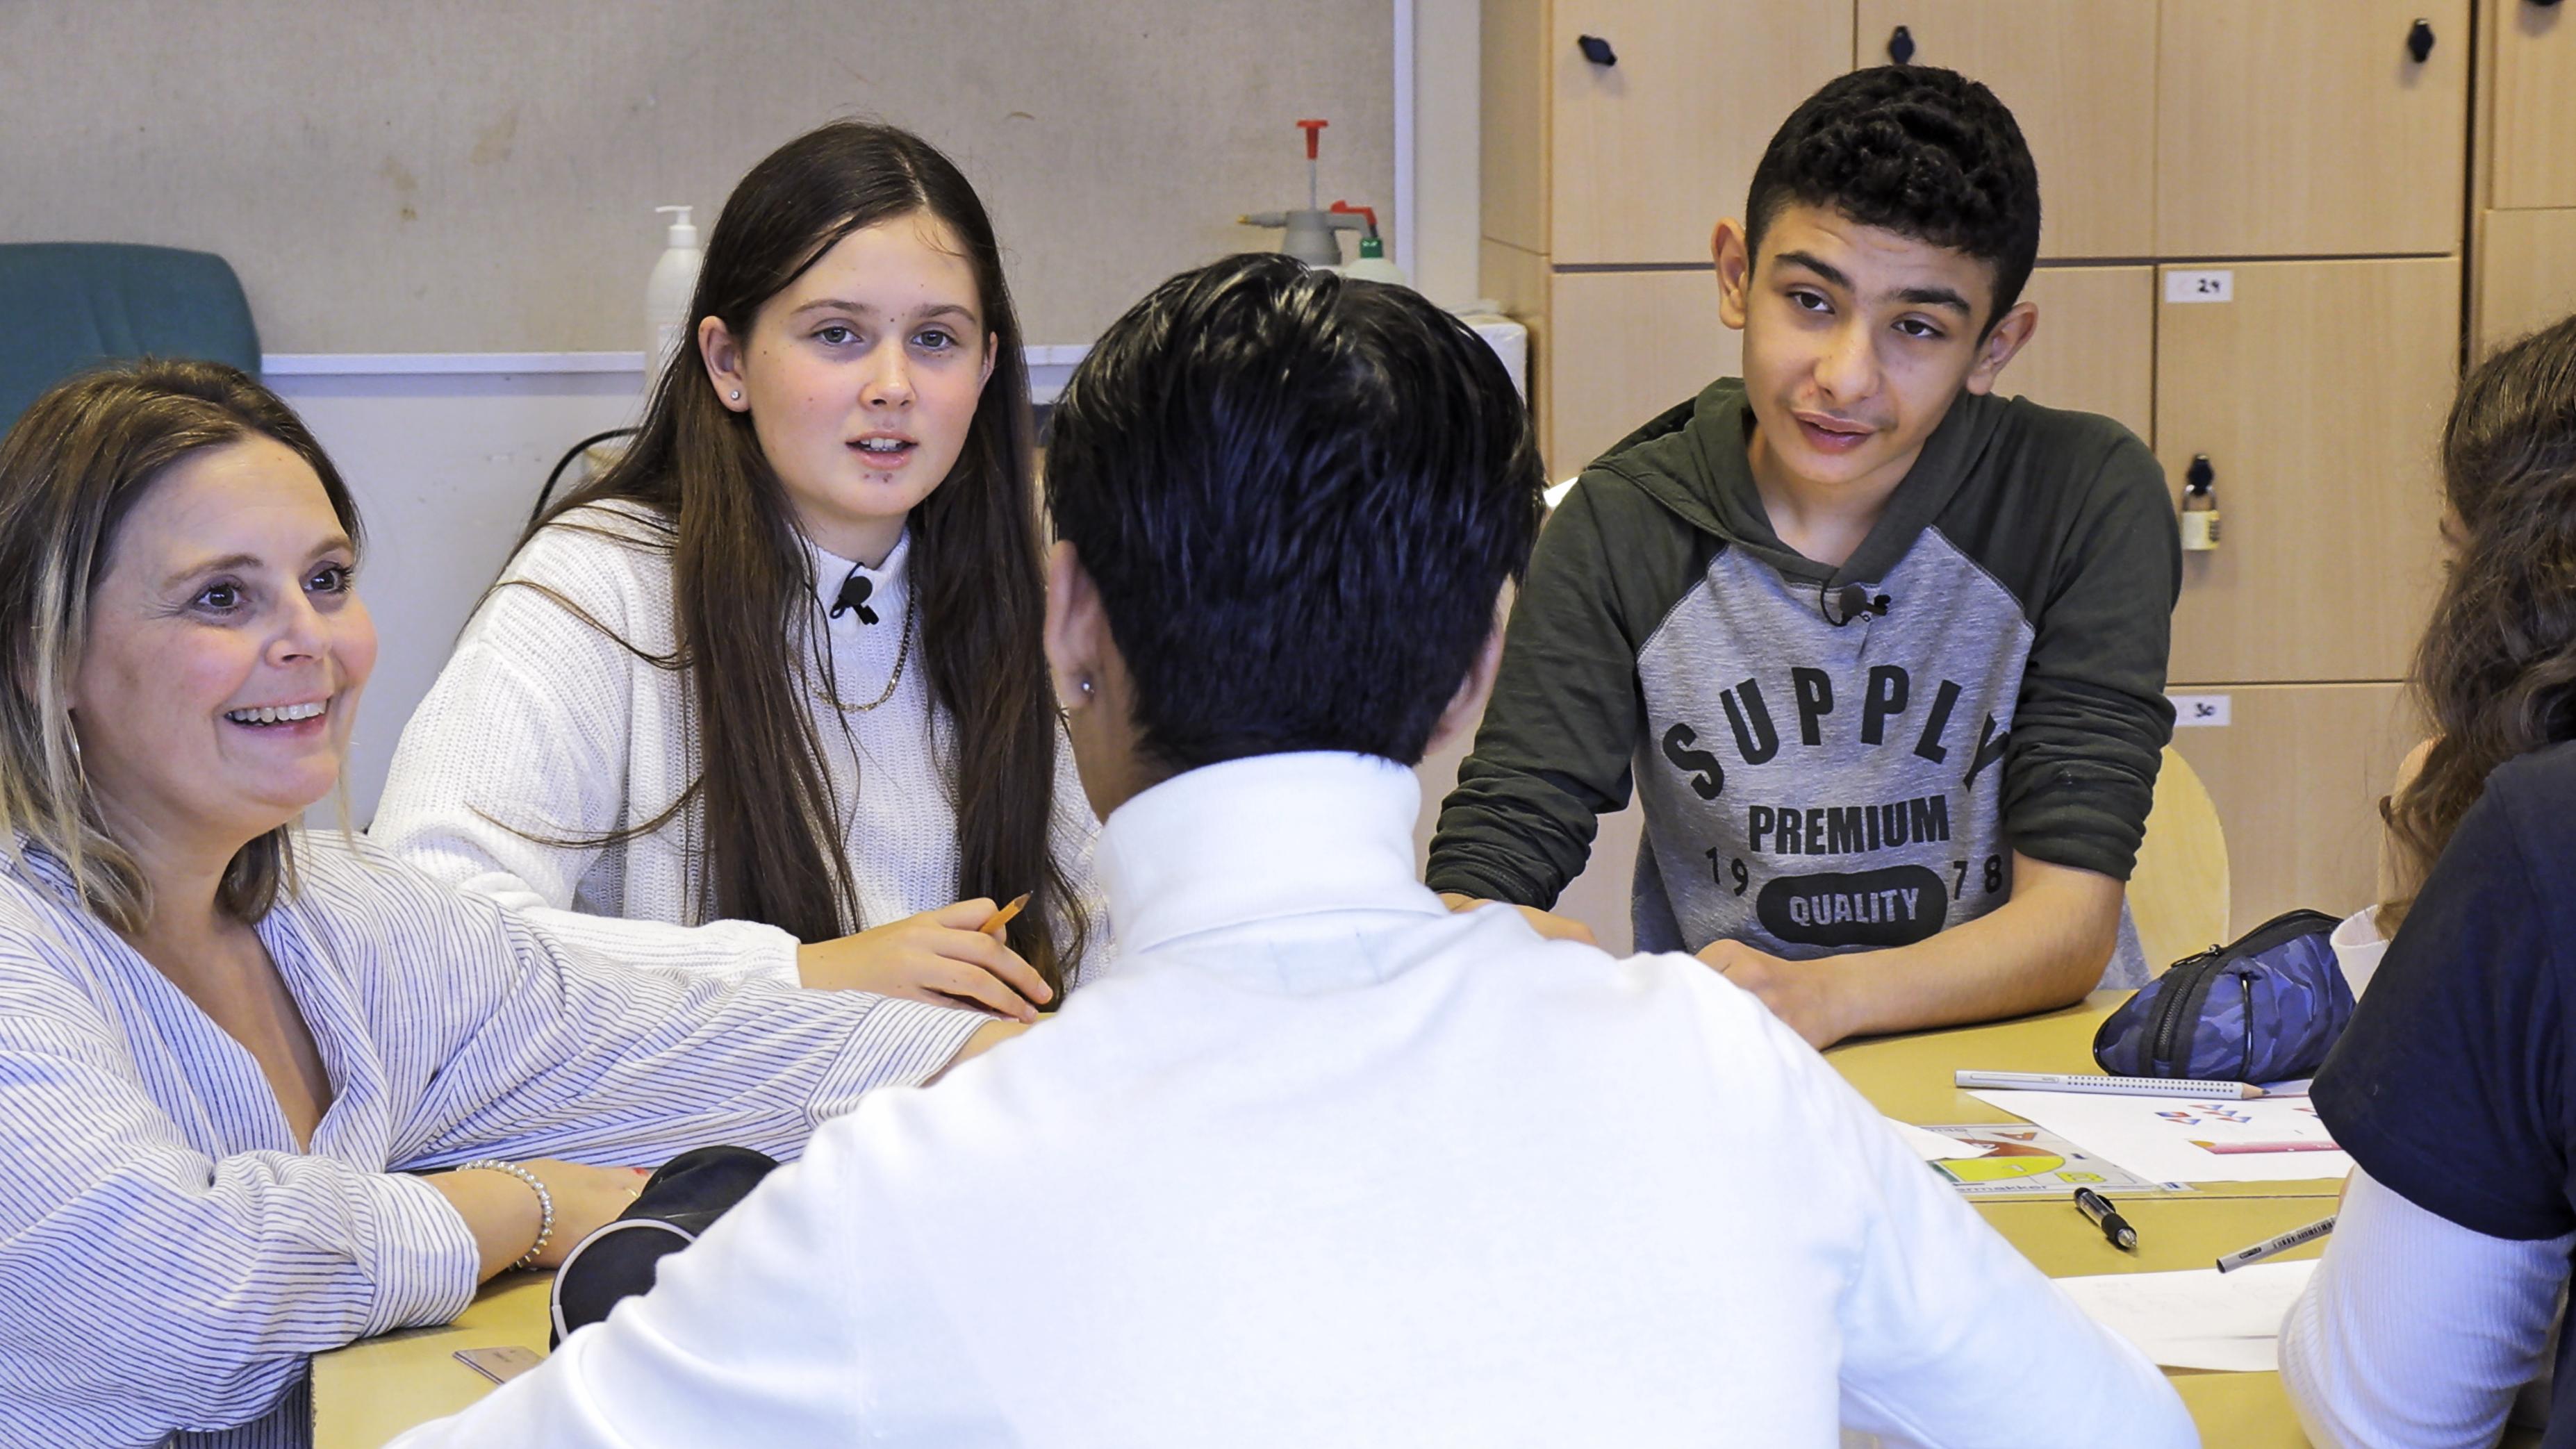 Elever og lærer i diskusjon